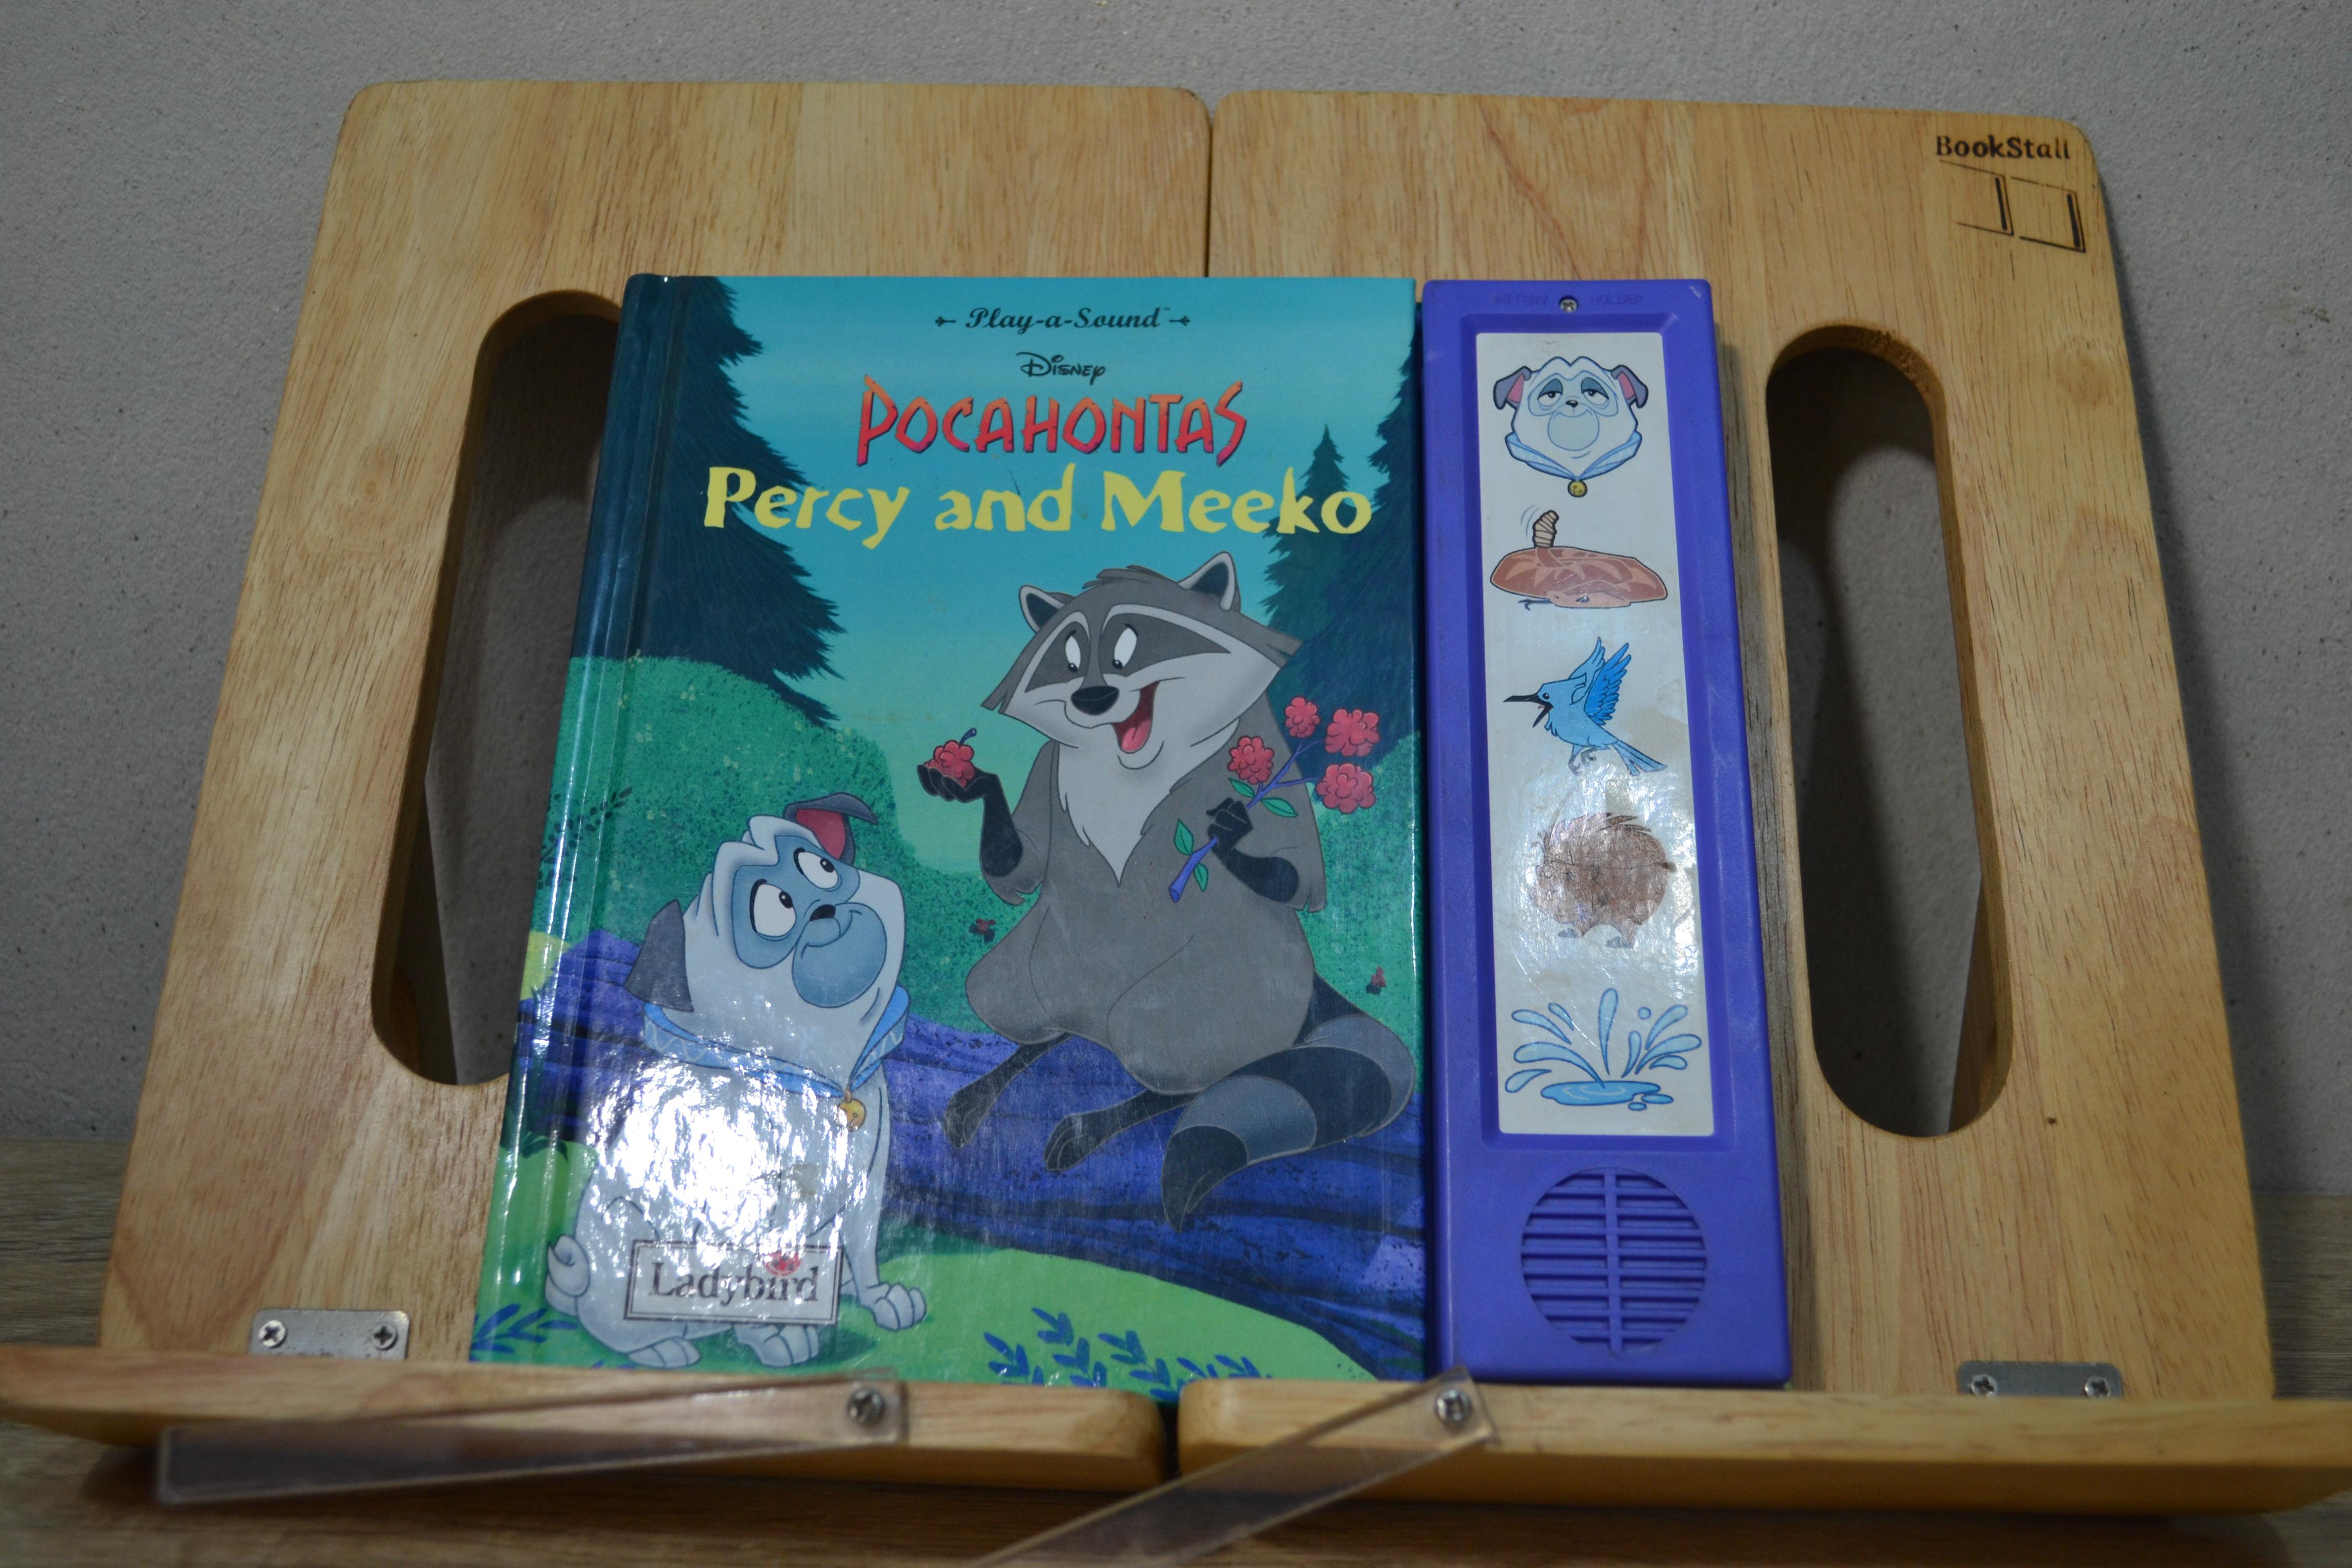 Percy and Meeko